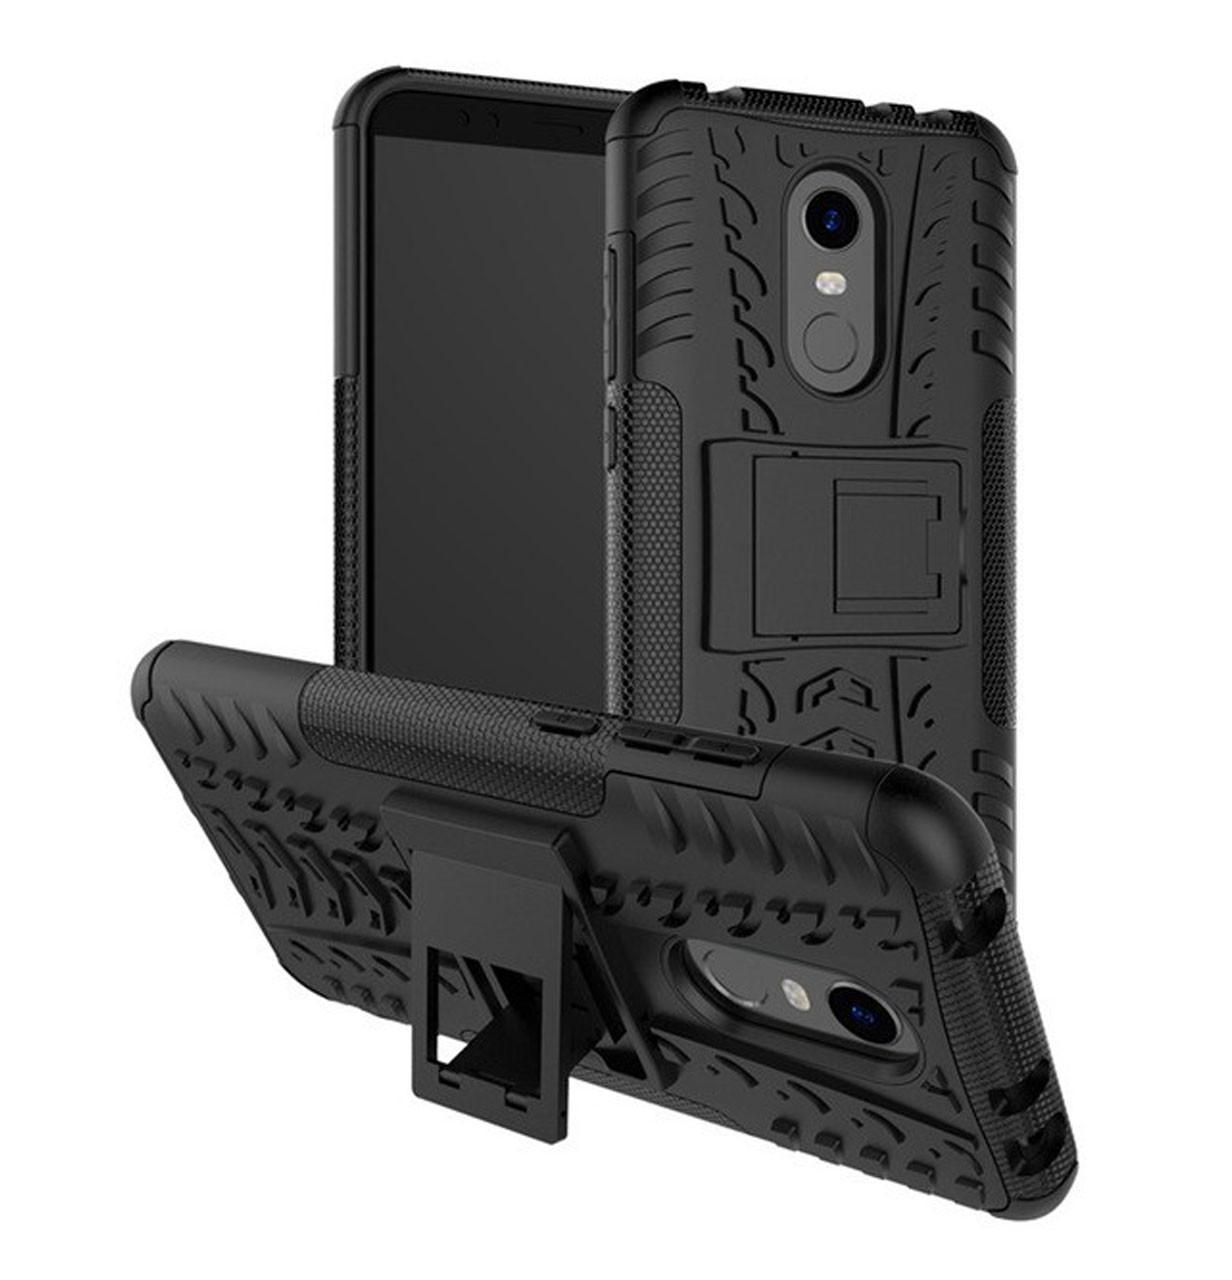 Противоударный двухслойный чехол Shield для Xiaomi Redmi 5 Black